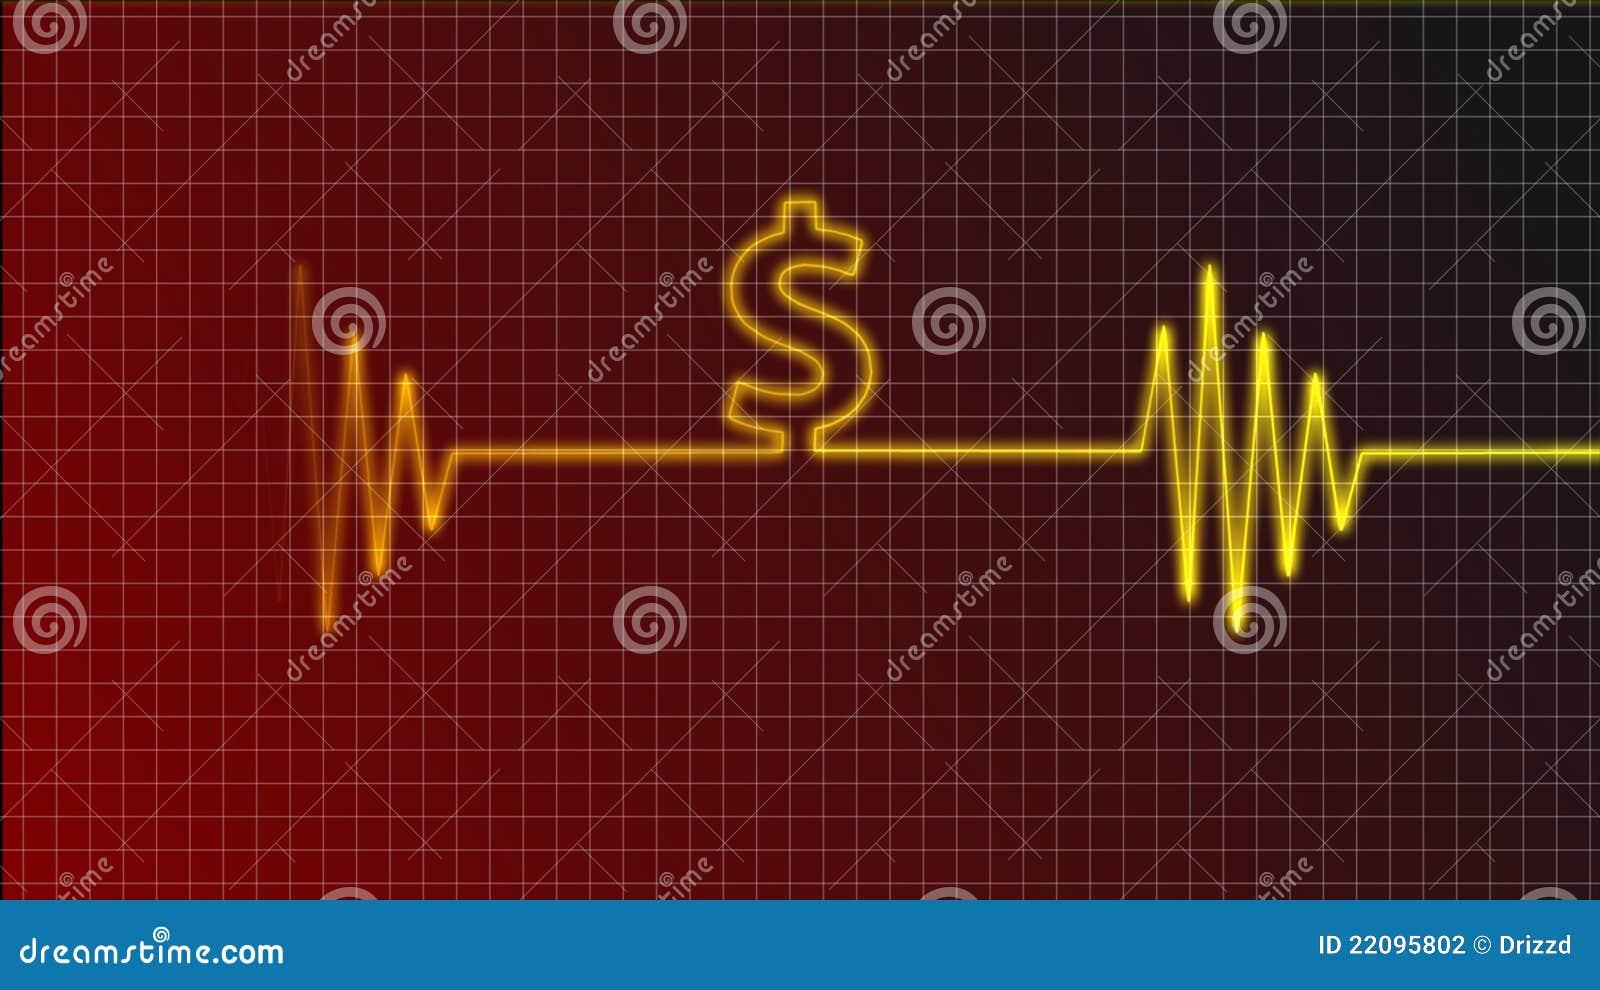 心电图曲线美元符号.